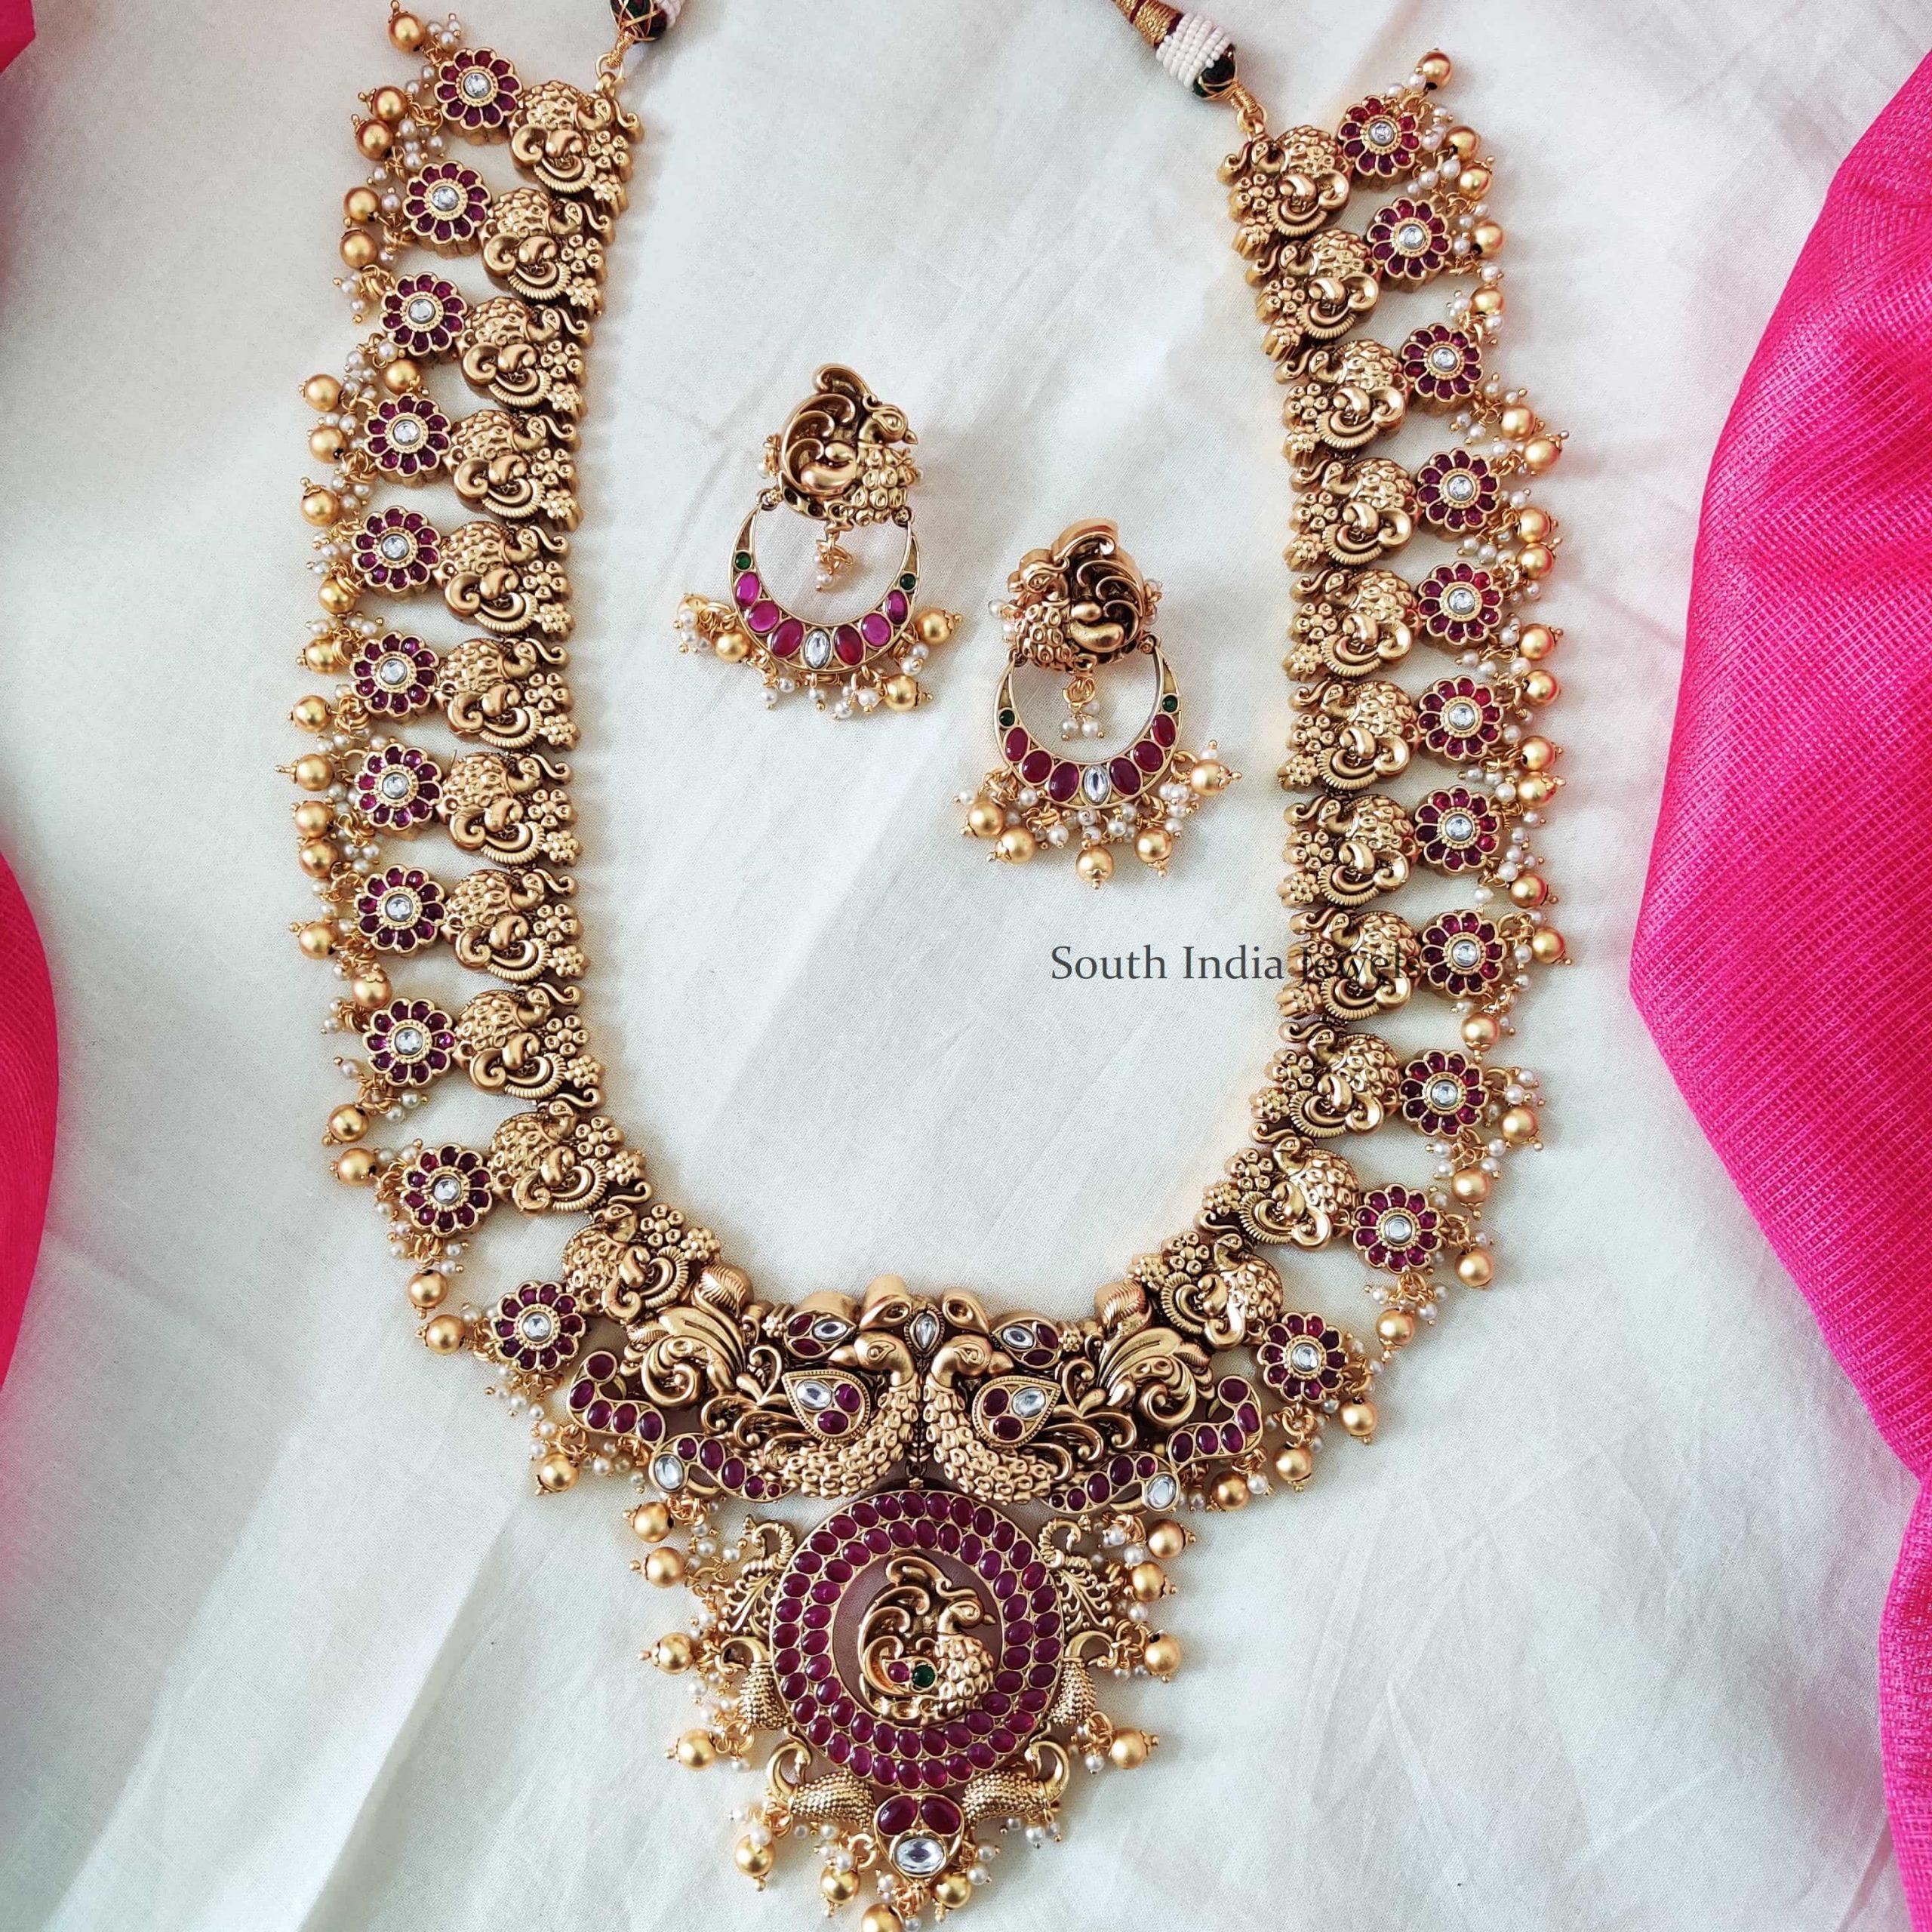 Grand-Peacock-Design-Bridal-Haram